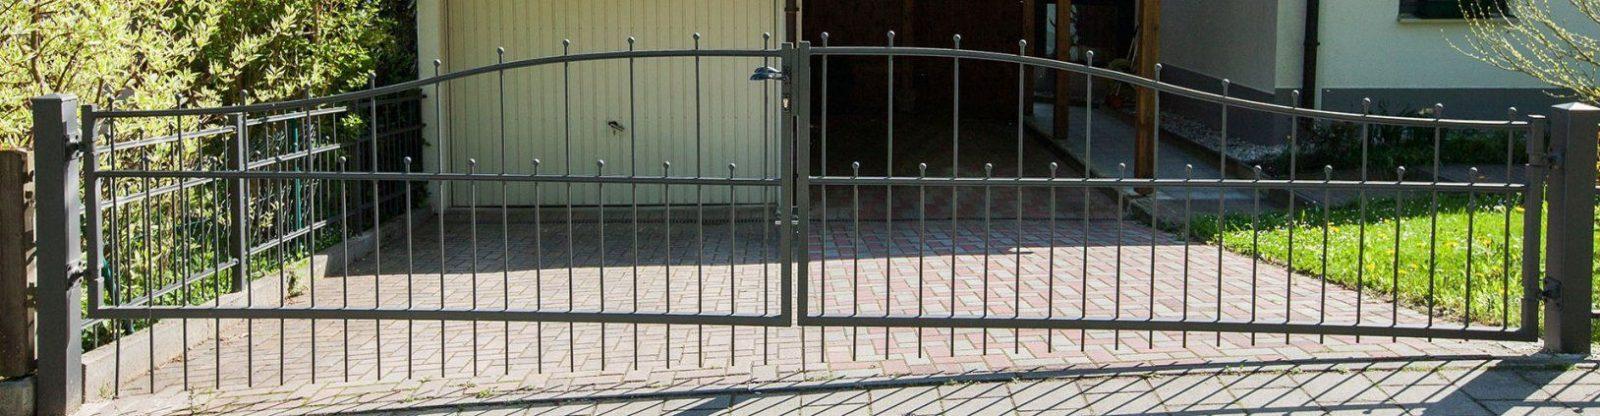 Gartentor Aus Metall  Eleo von Gartentor Verzinkt Nach Maß Bild